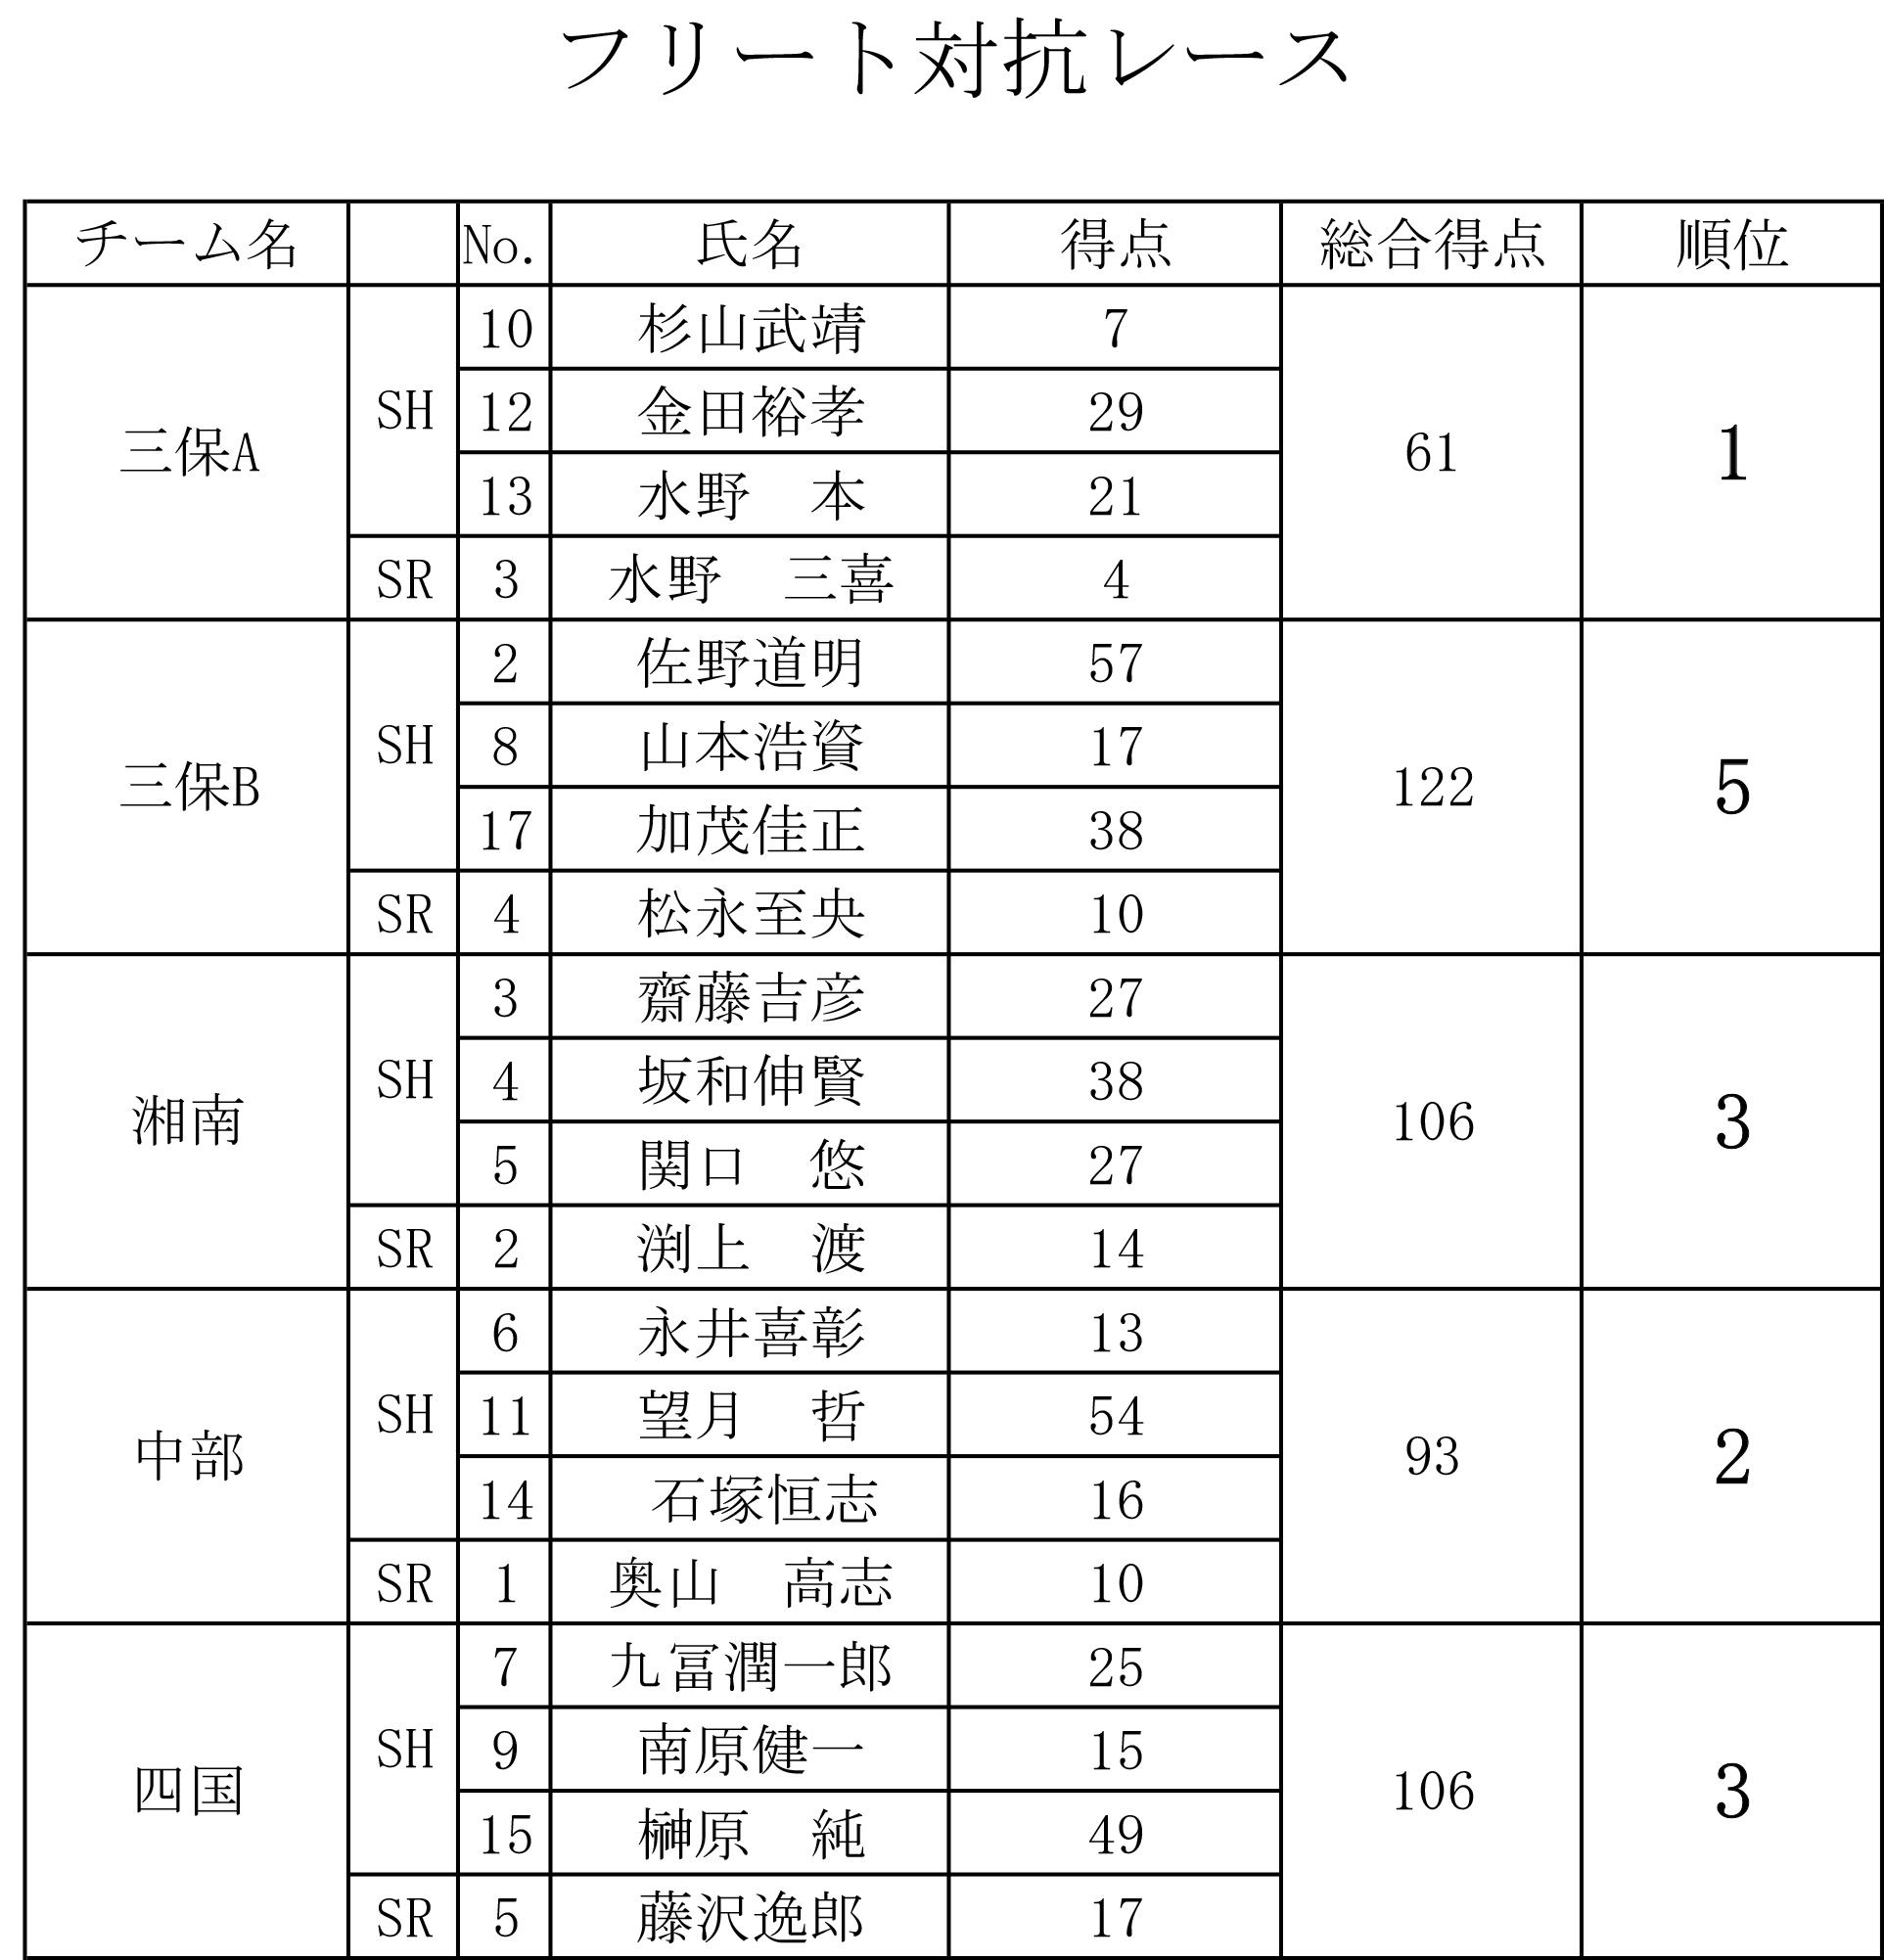 2017-10-31_fleet